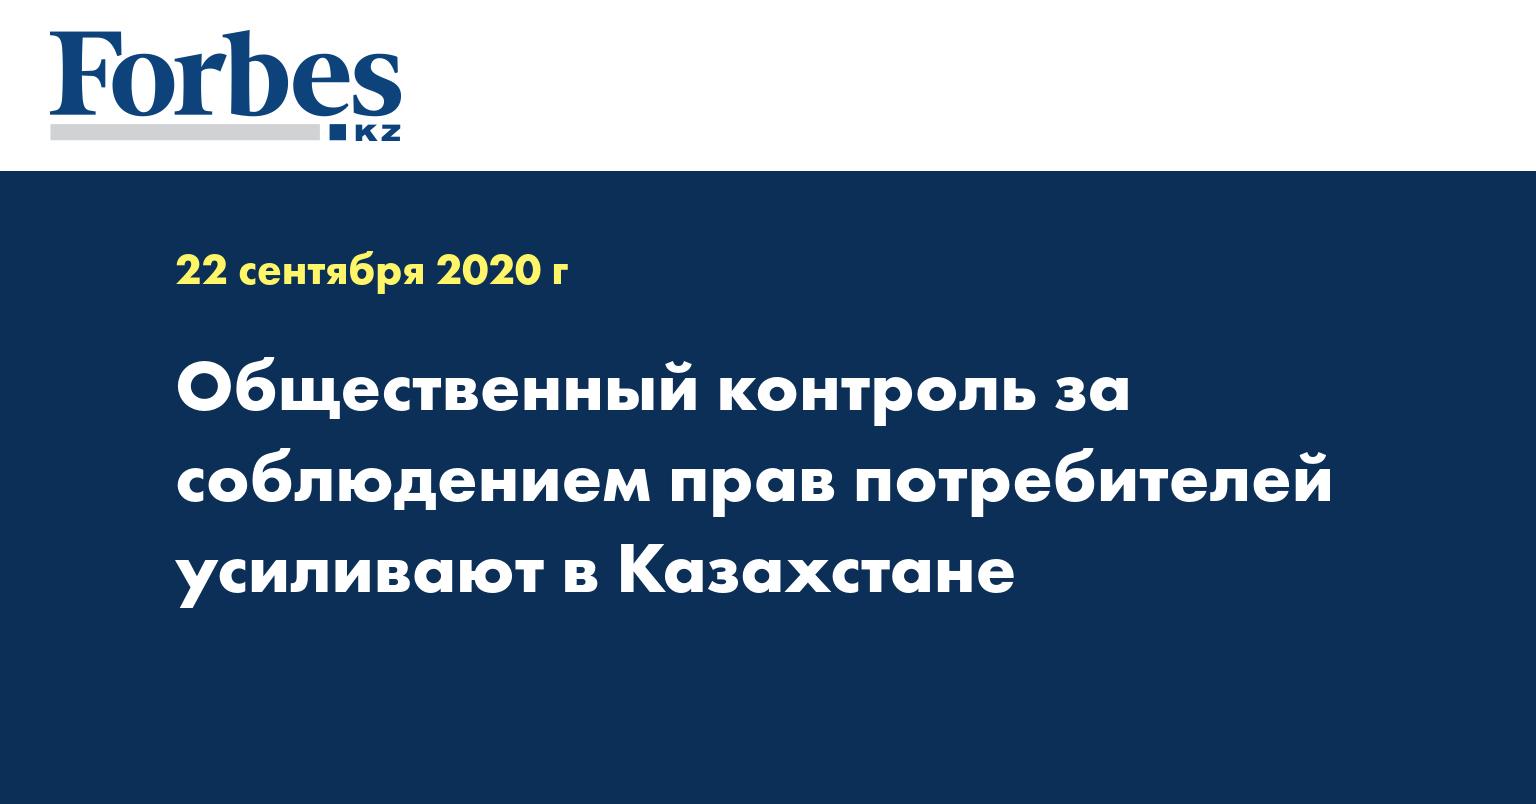 Общественный контроль за соблюдением прав потребителей усиливают в Казахстане